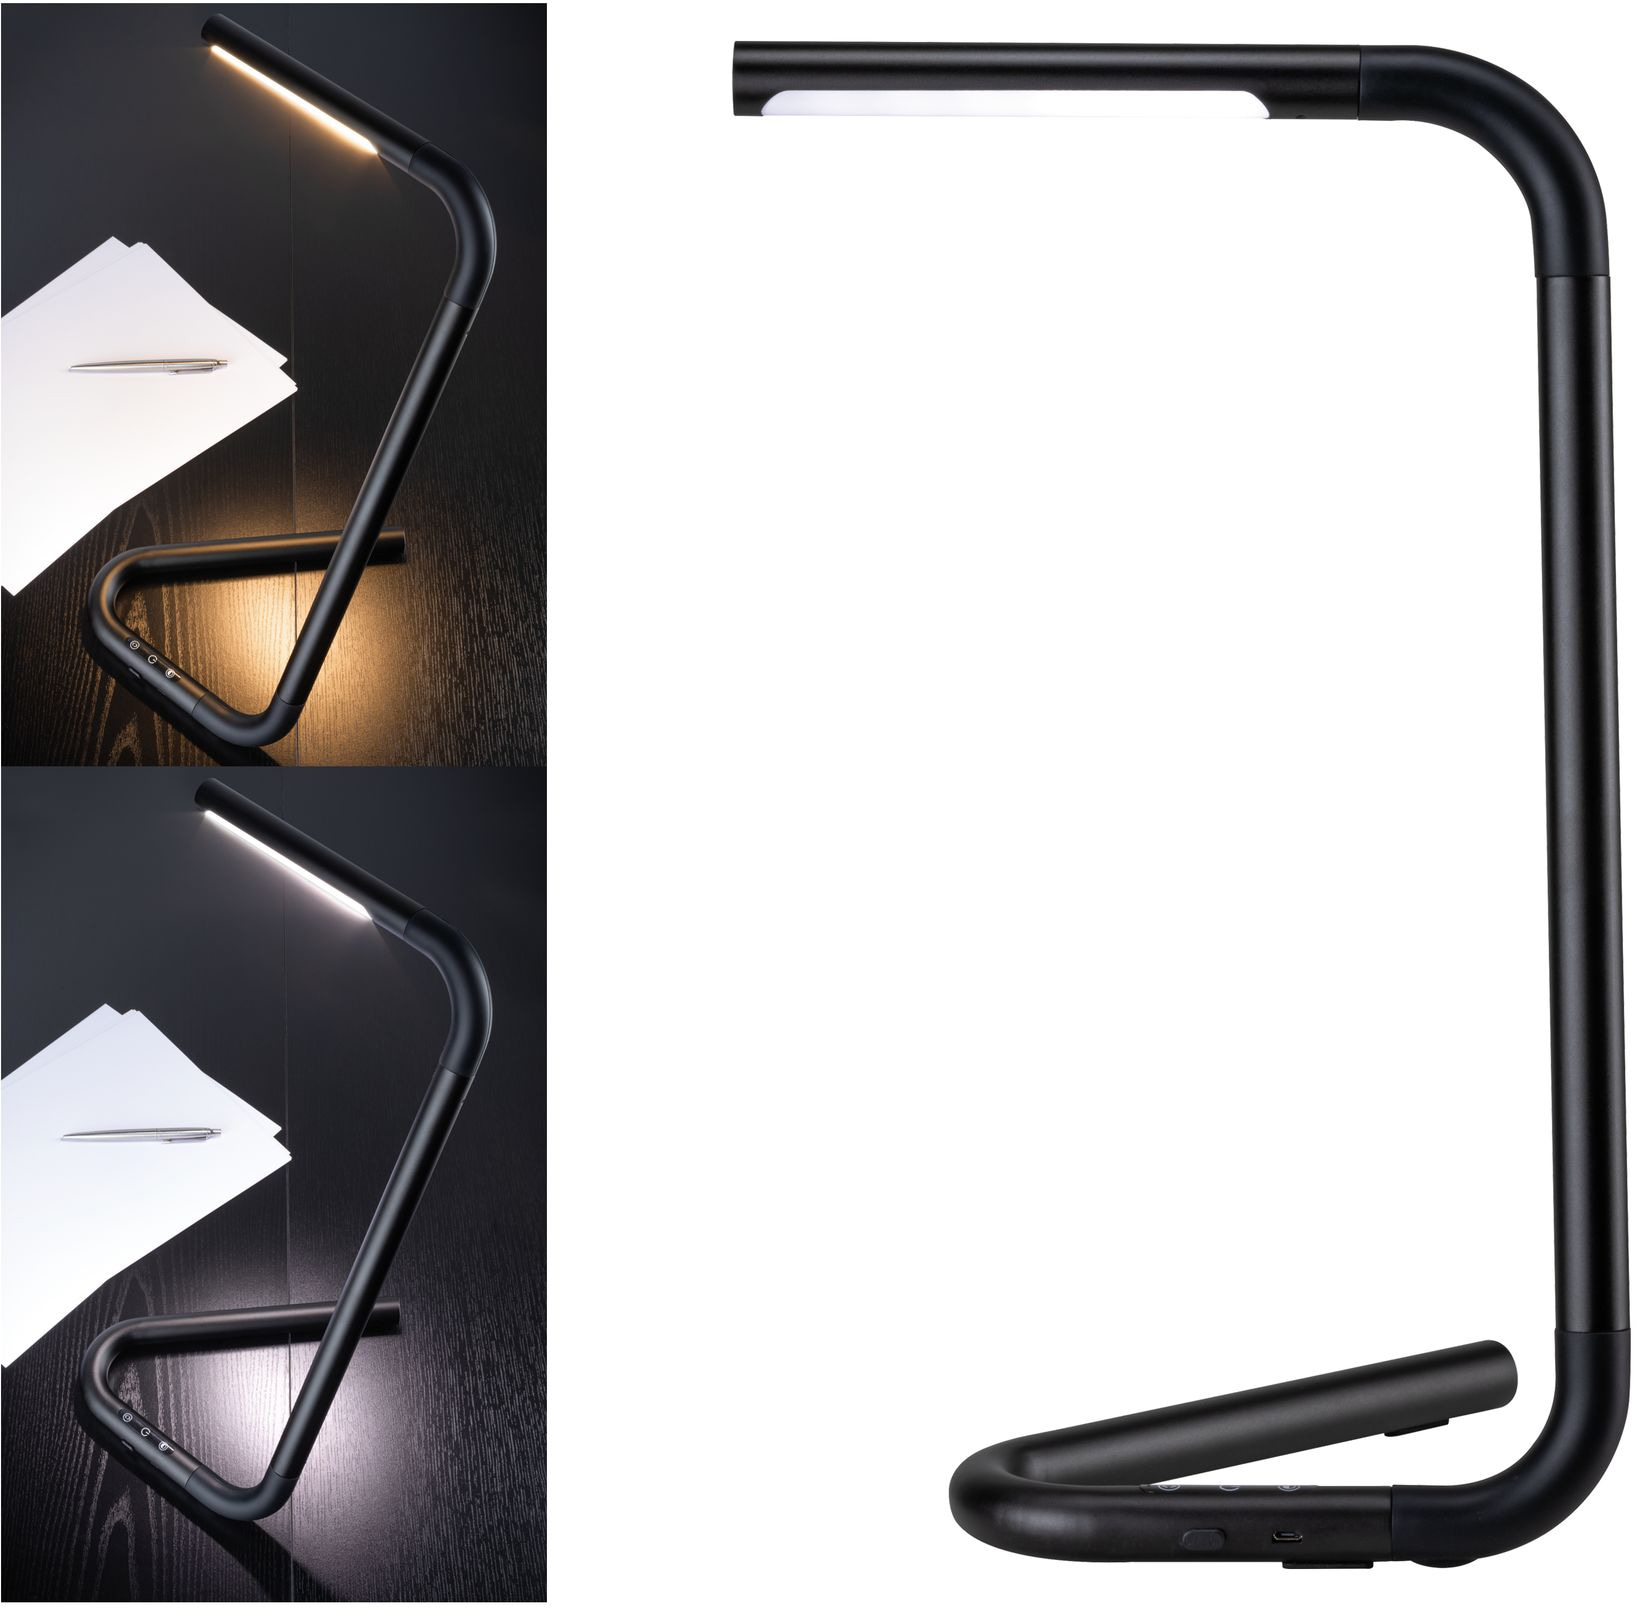 PaulmannLED SchreibtischlampeFlexLink Wohnen/Accessoires & Leuchten/Lampen & Leuchten/LED-Lampen und LED-Leuchten/LED Tischleuchten/LED Schreibtischlampen